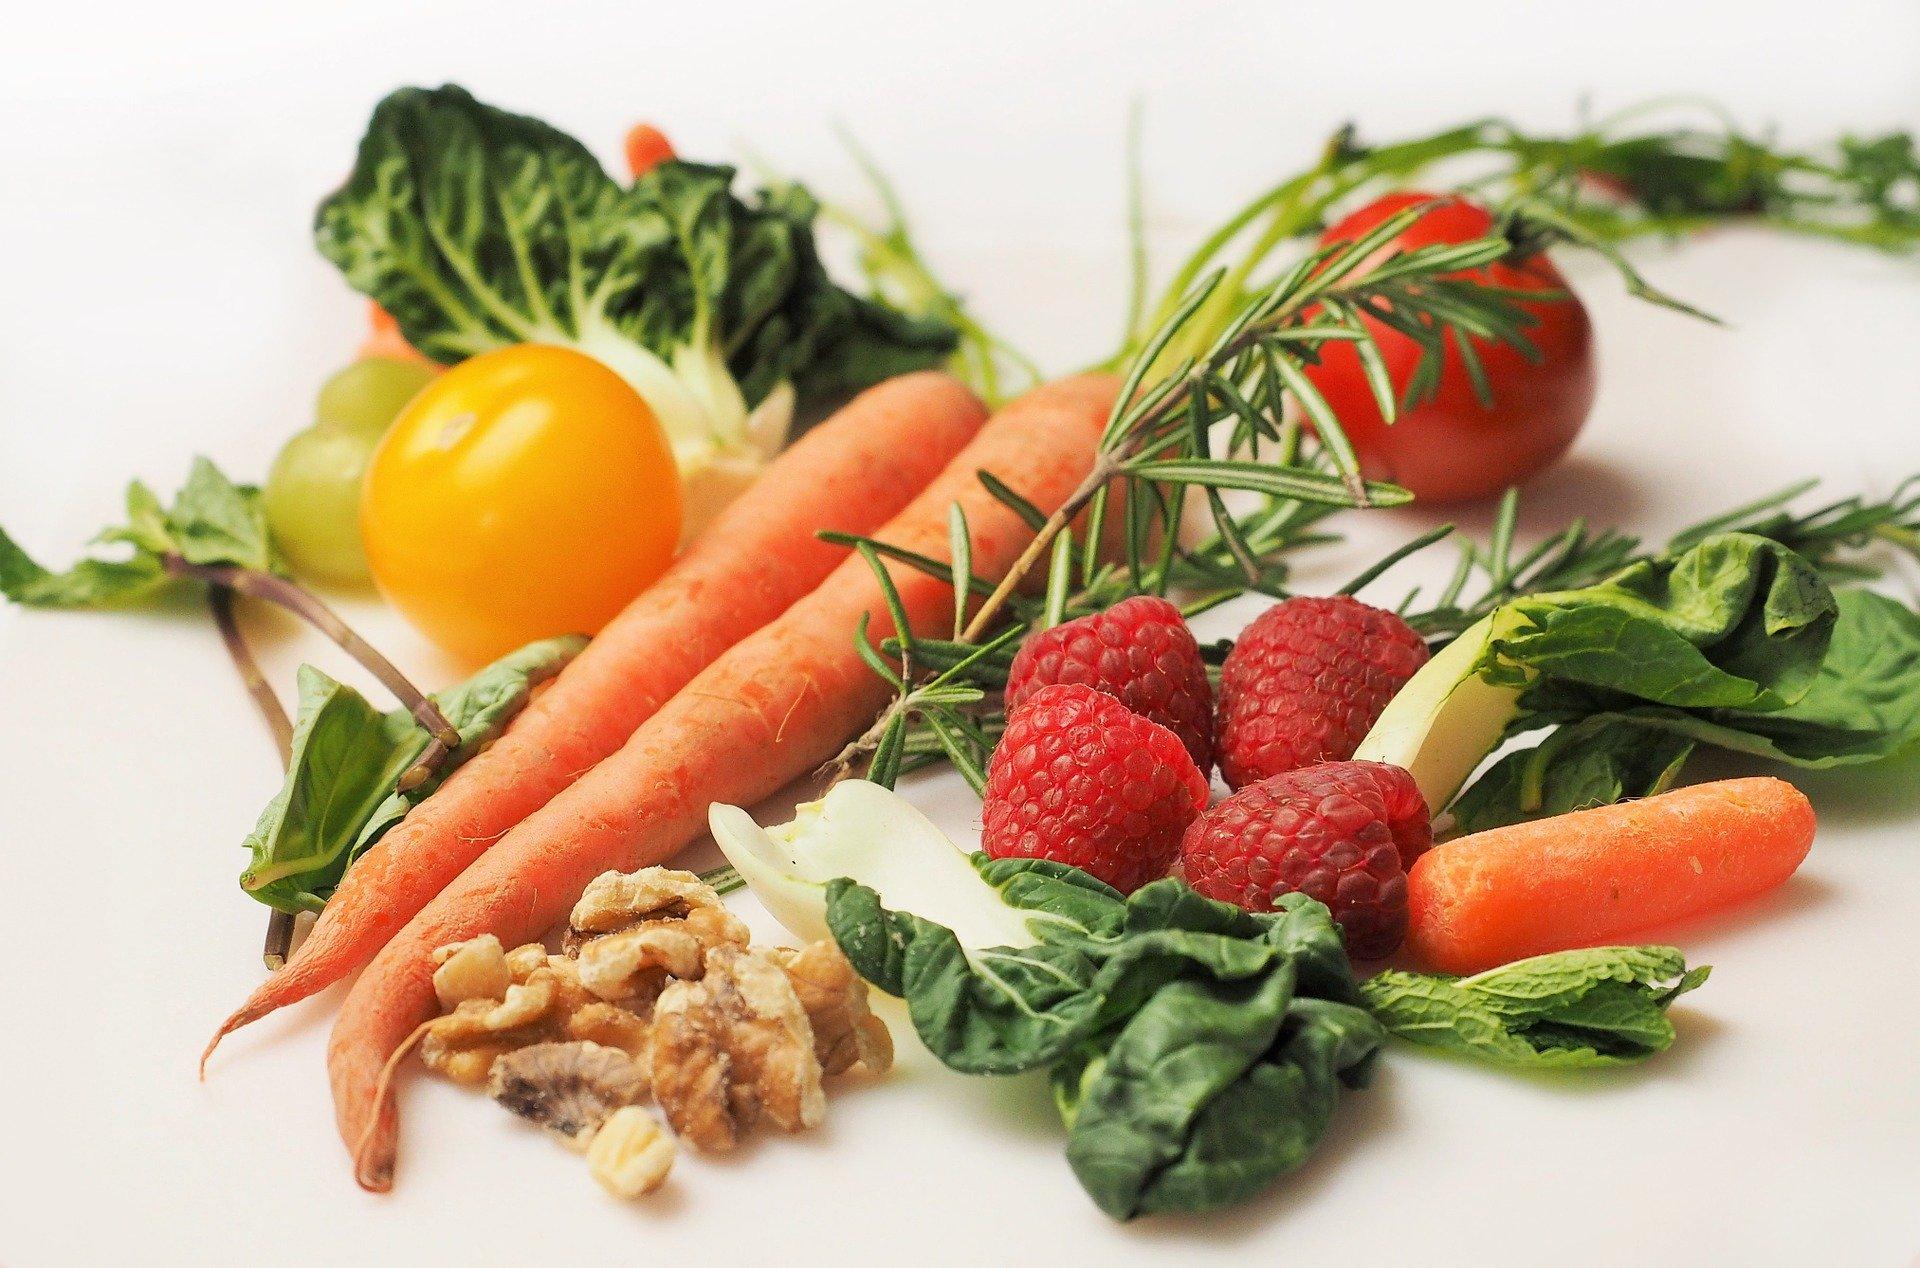 Una alimentación variada y saludable ayuda a nuestra salud